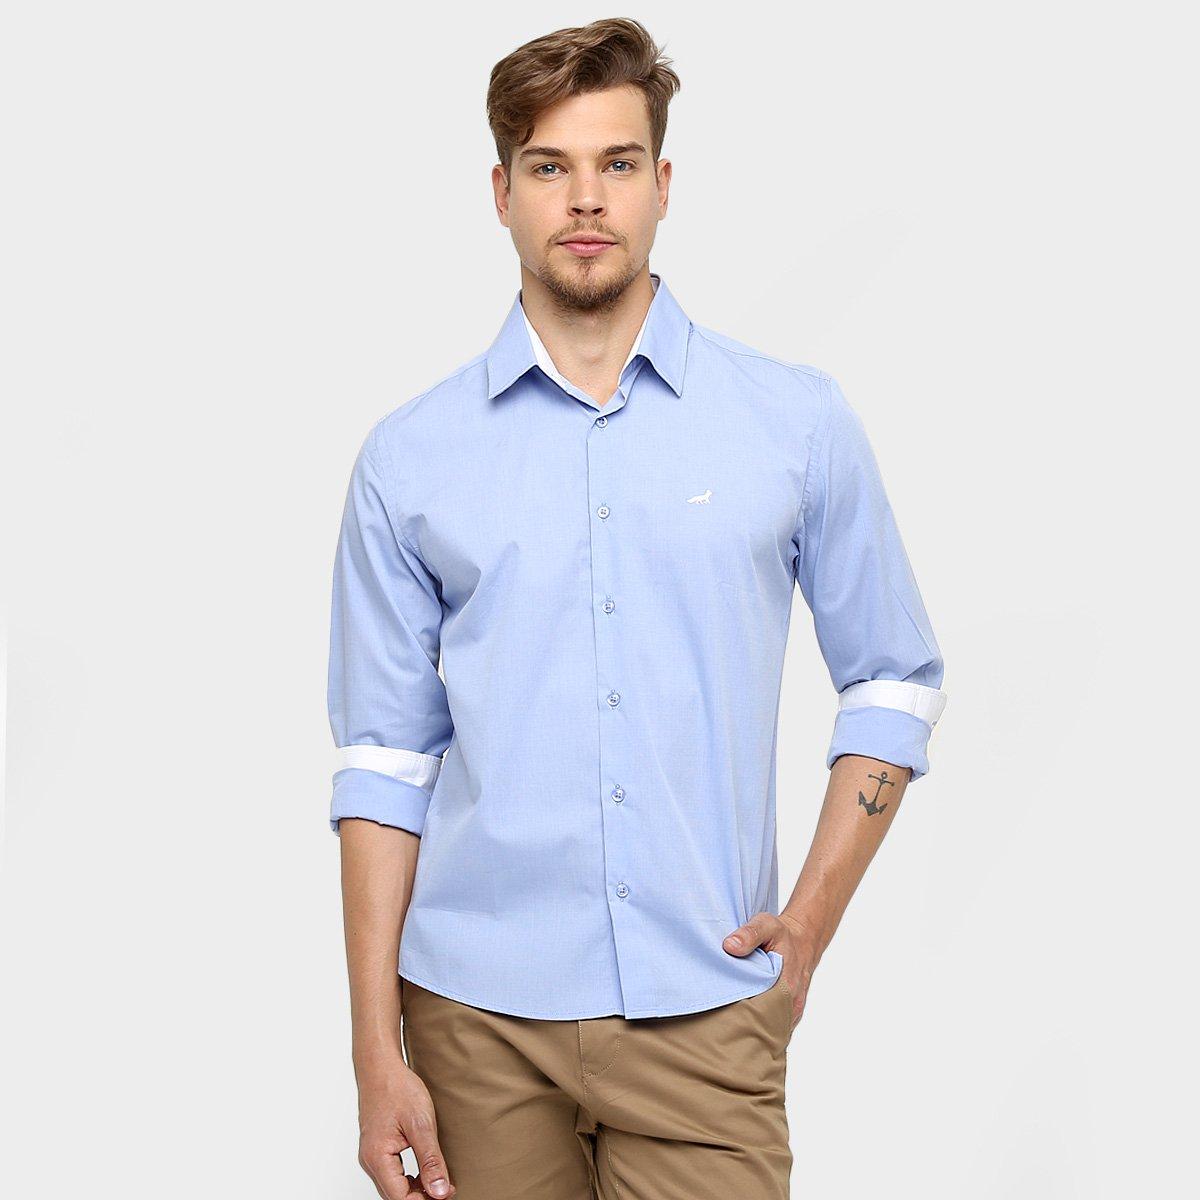 Camisa Social Palla D oro Cruzeiro M L - Compre Agora  ccb7720128100